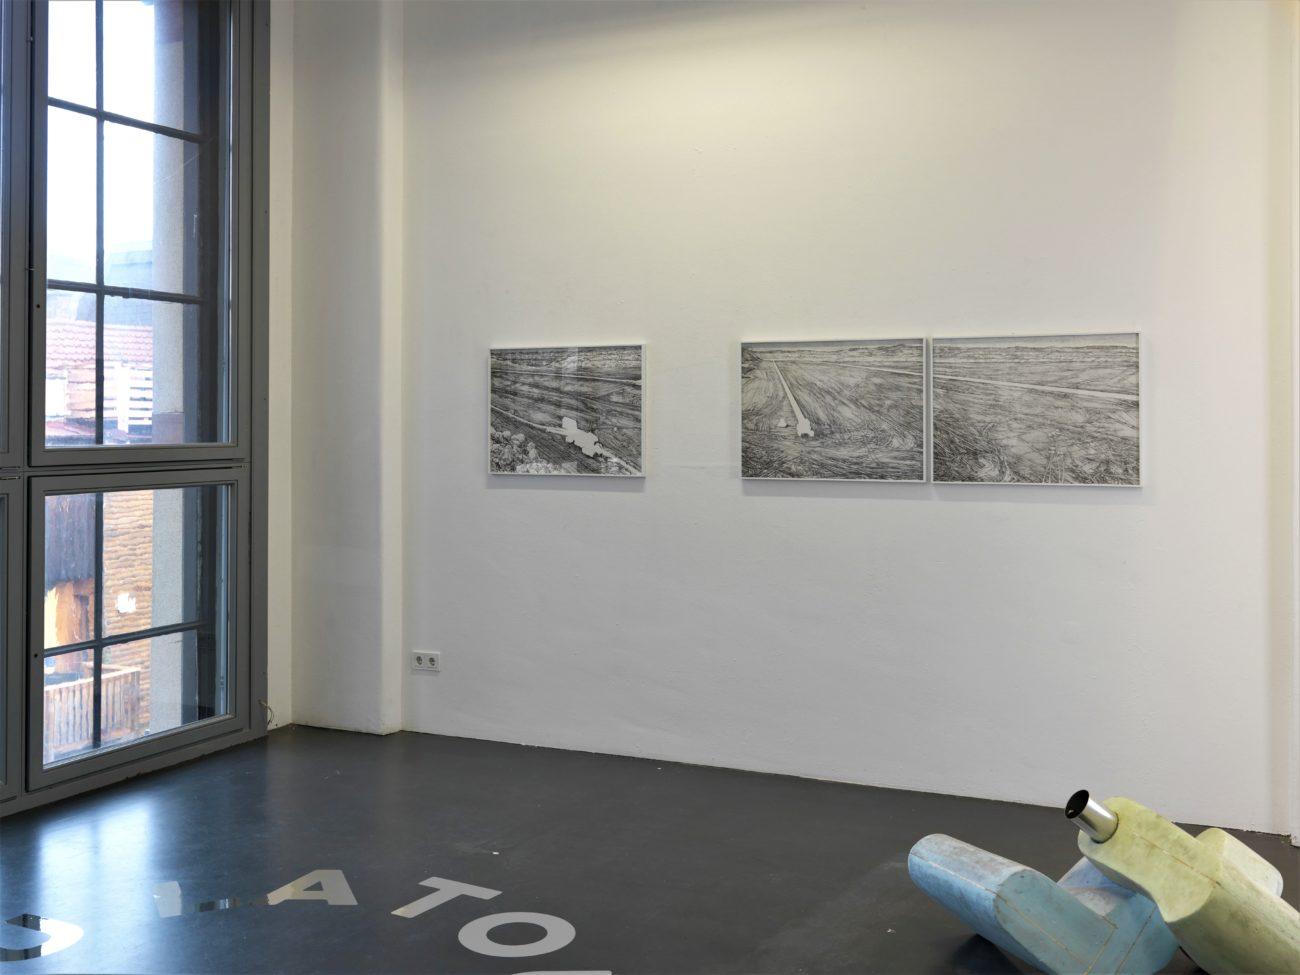 T66, Freiburg, exposition, open pit, allemagne, art, dessin, zeichnungen, henninger